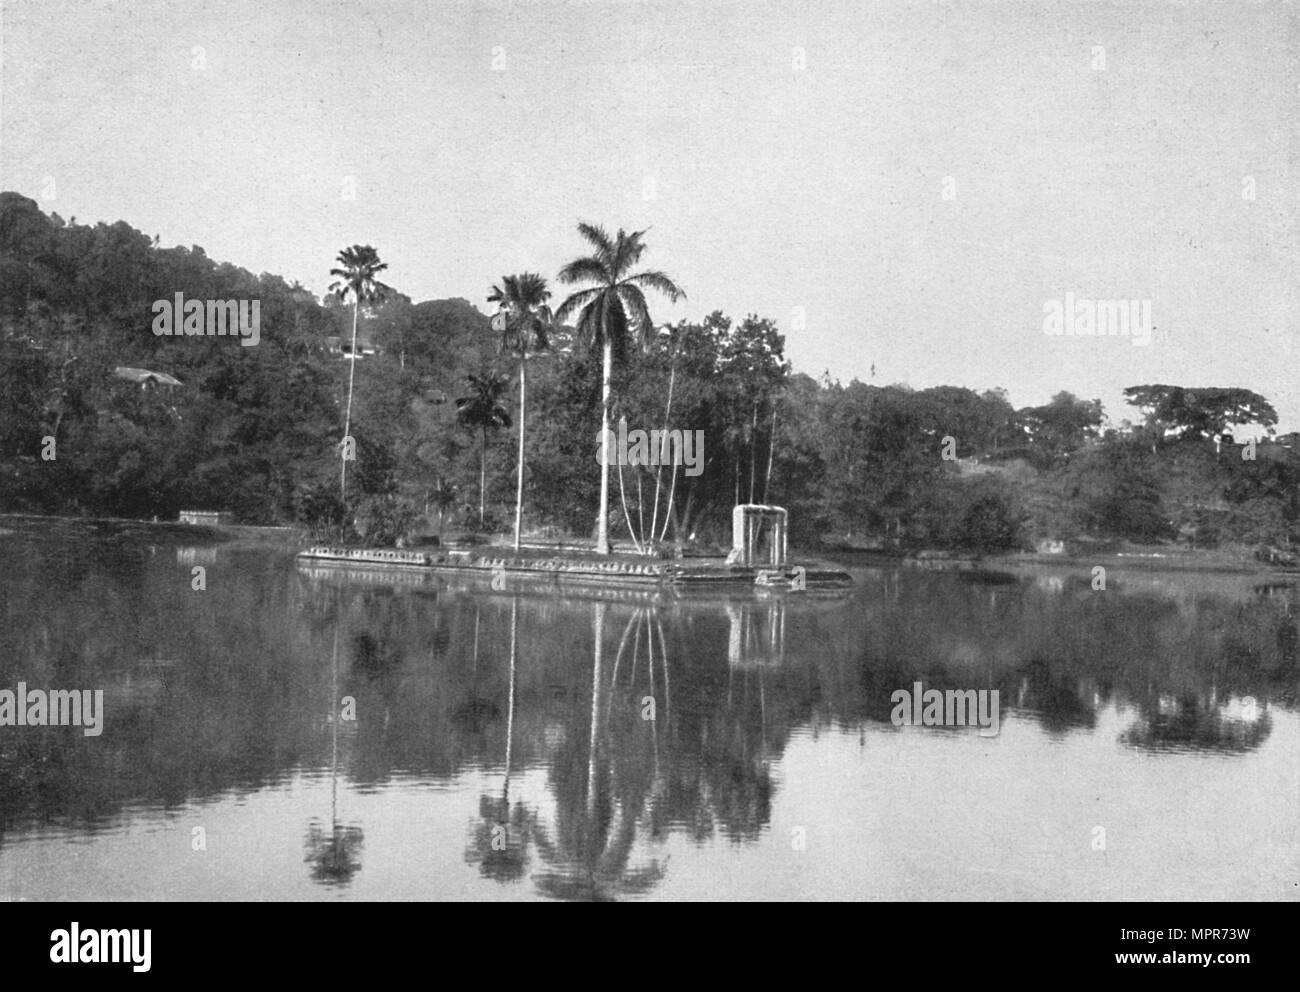 'Die Insel im See von Kandy', 1926. Artist: Unknown. - Stock Image